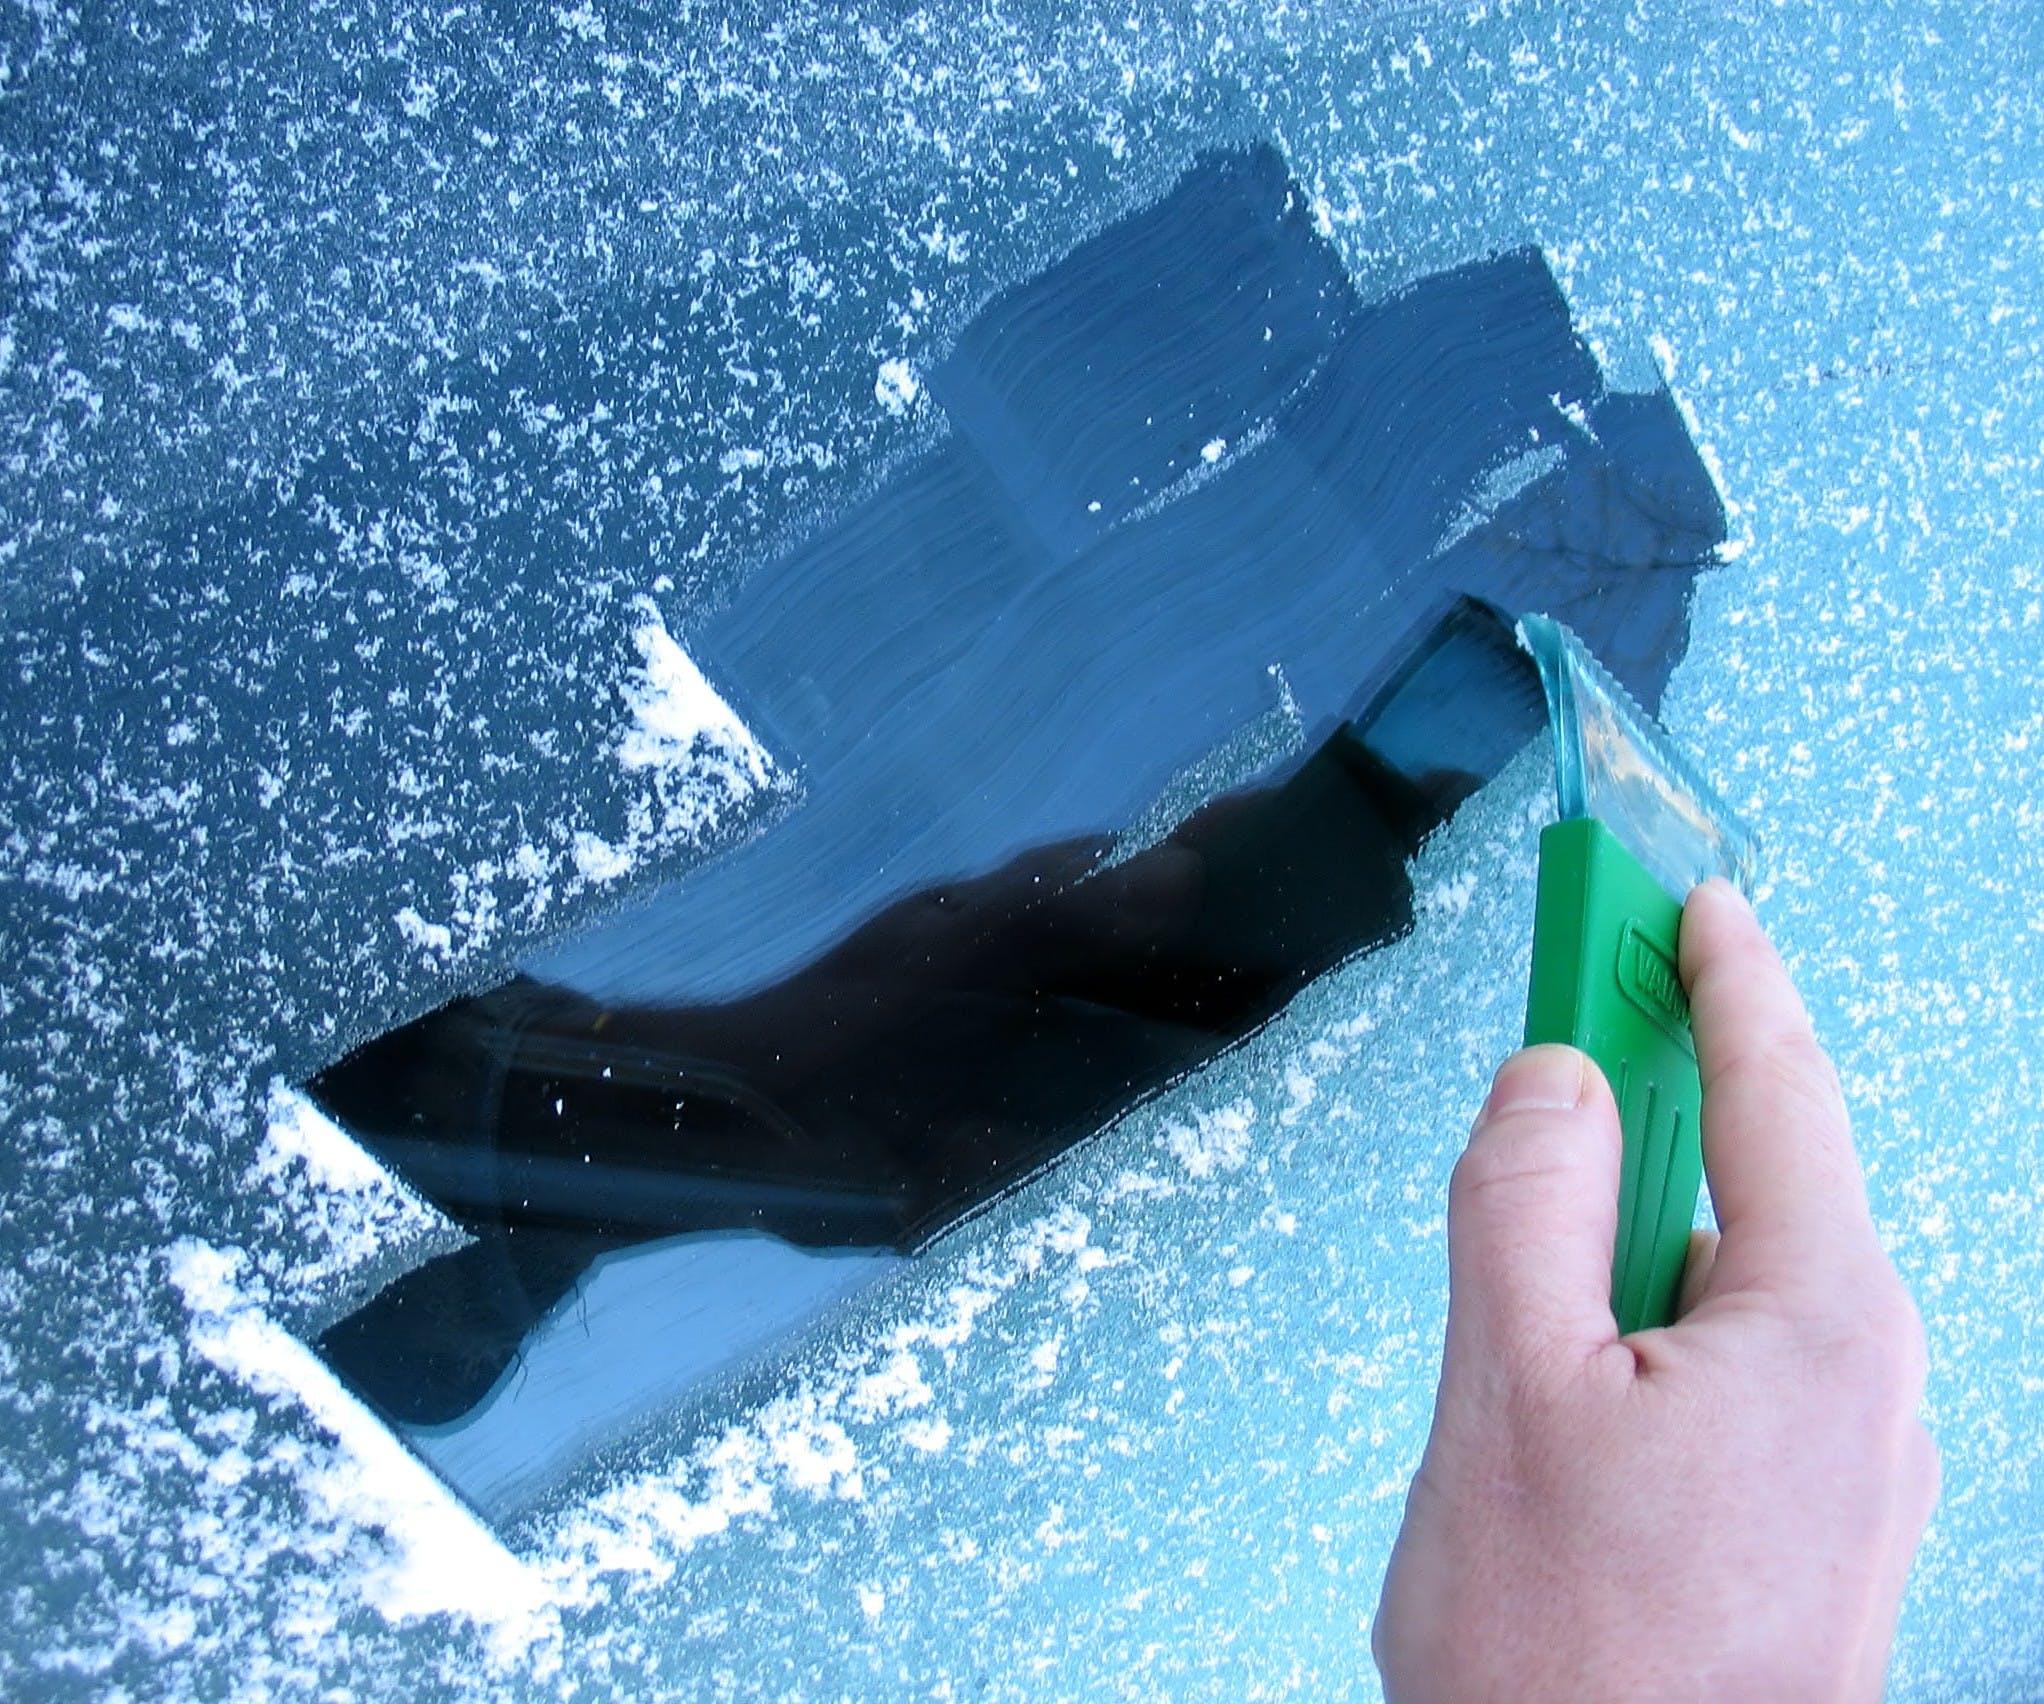 Aracınızın donan camlarını bilimle temizleyin!